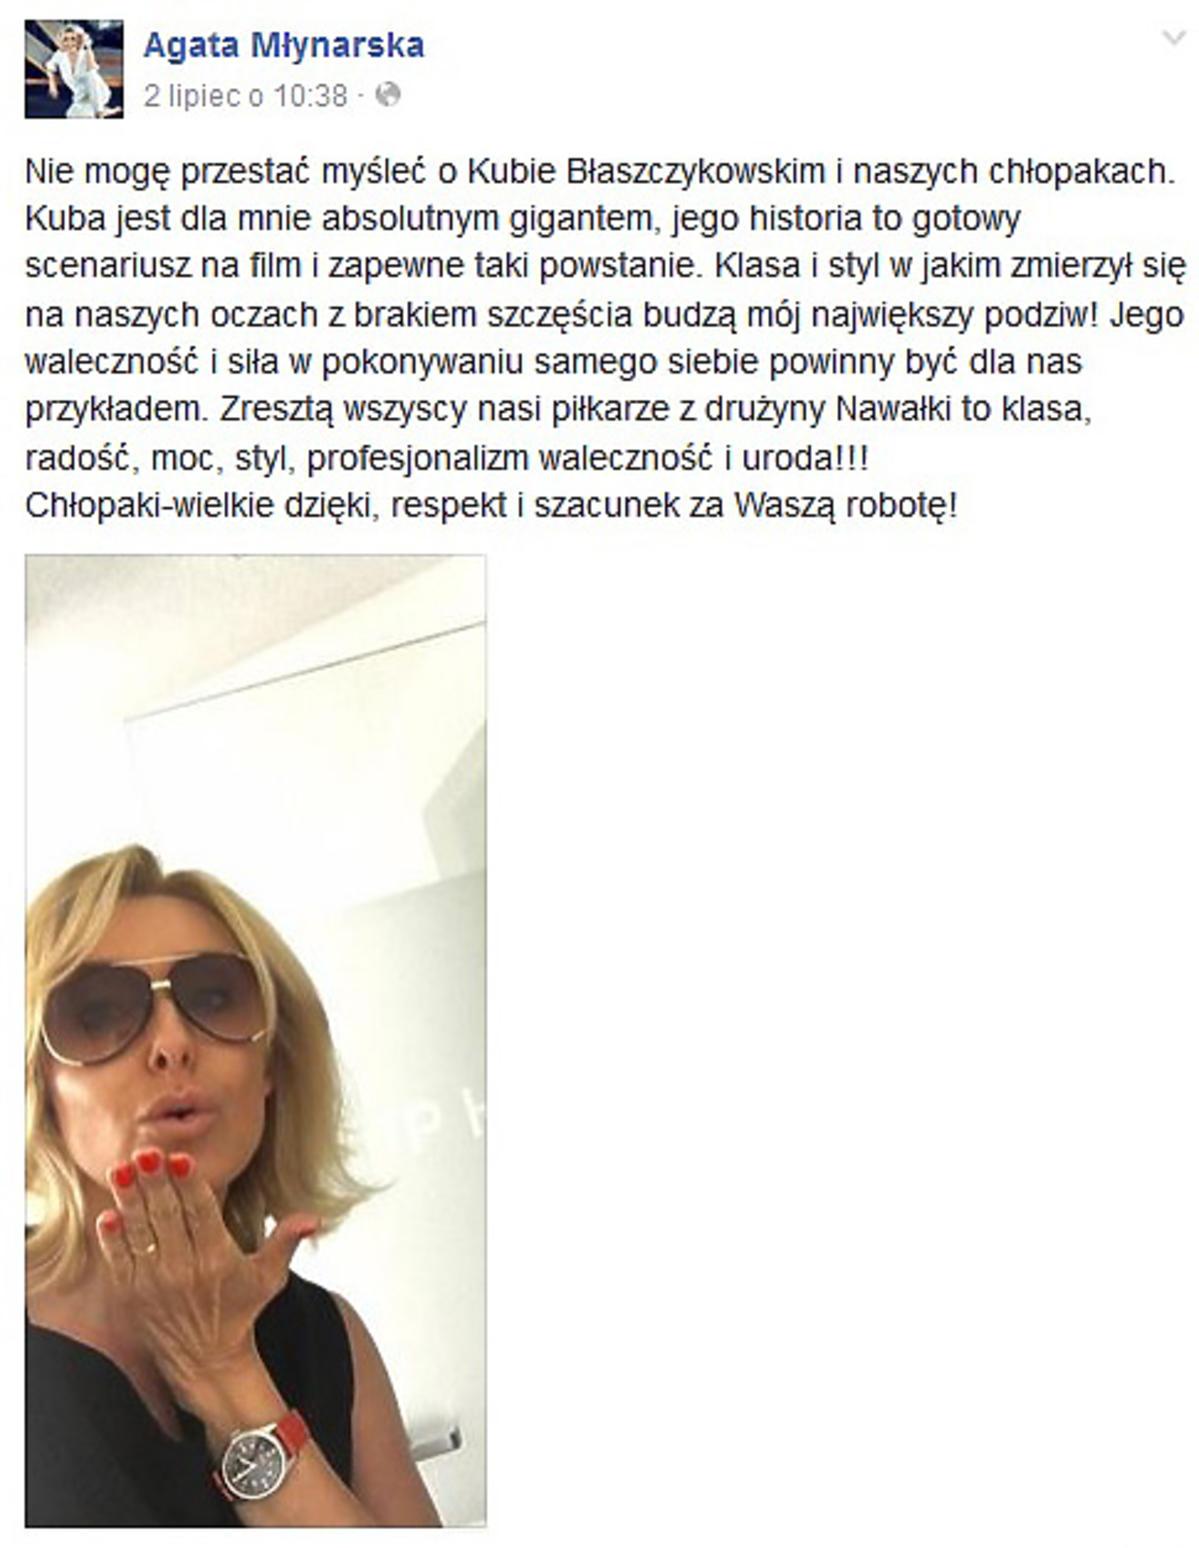 Agata Młynarska zachwycona Kubą Błaszczykowskim